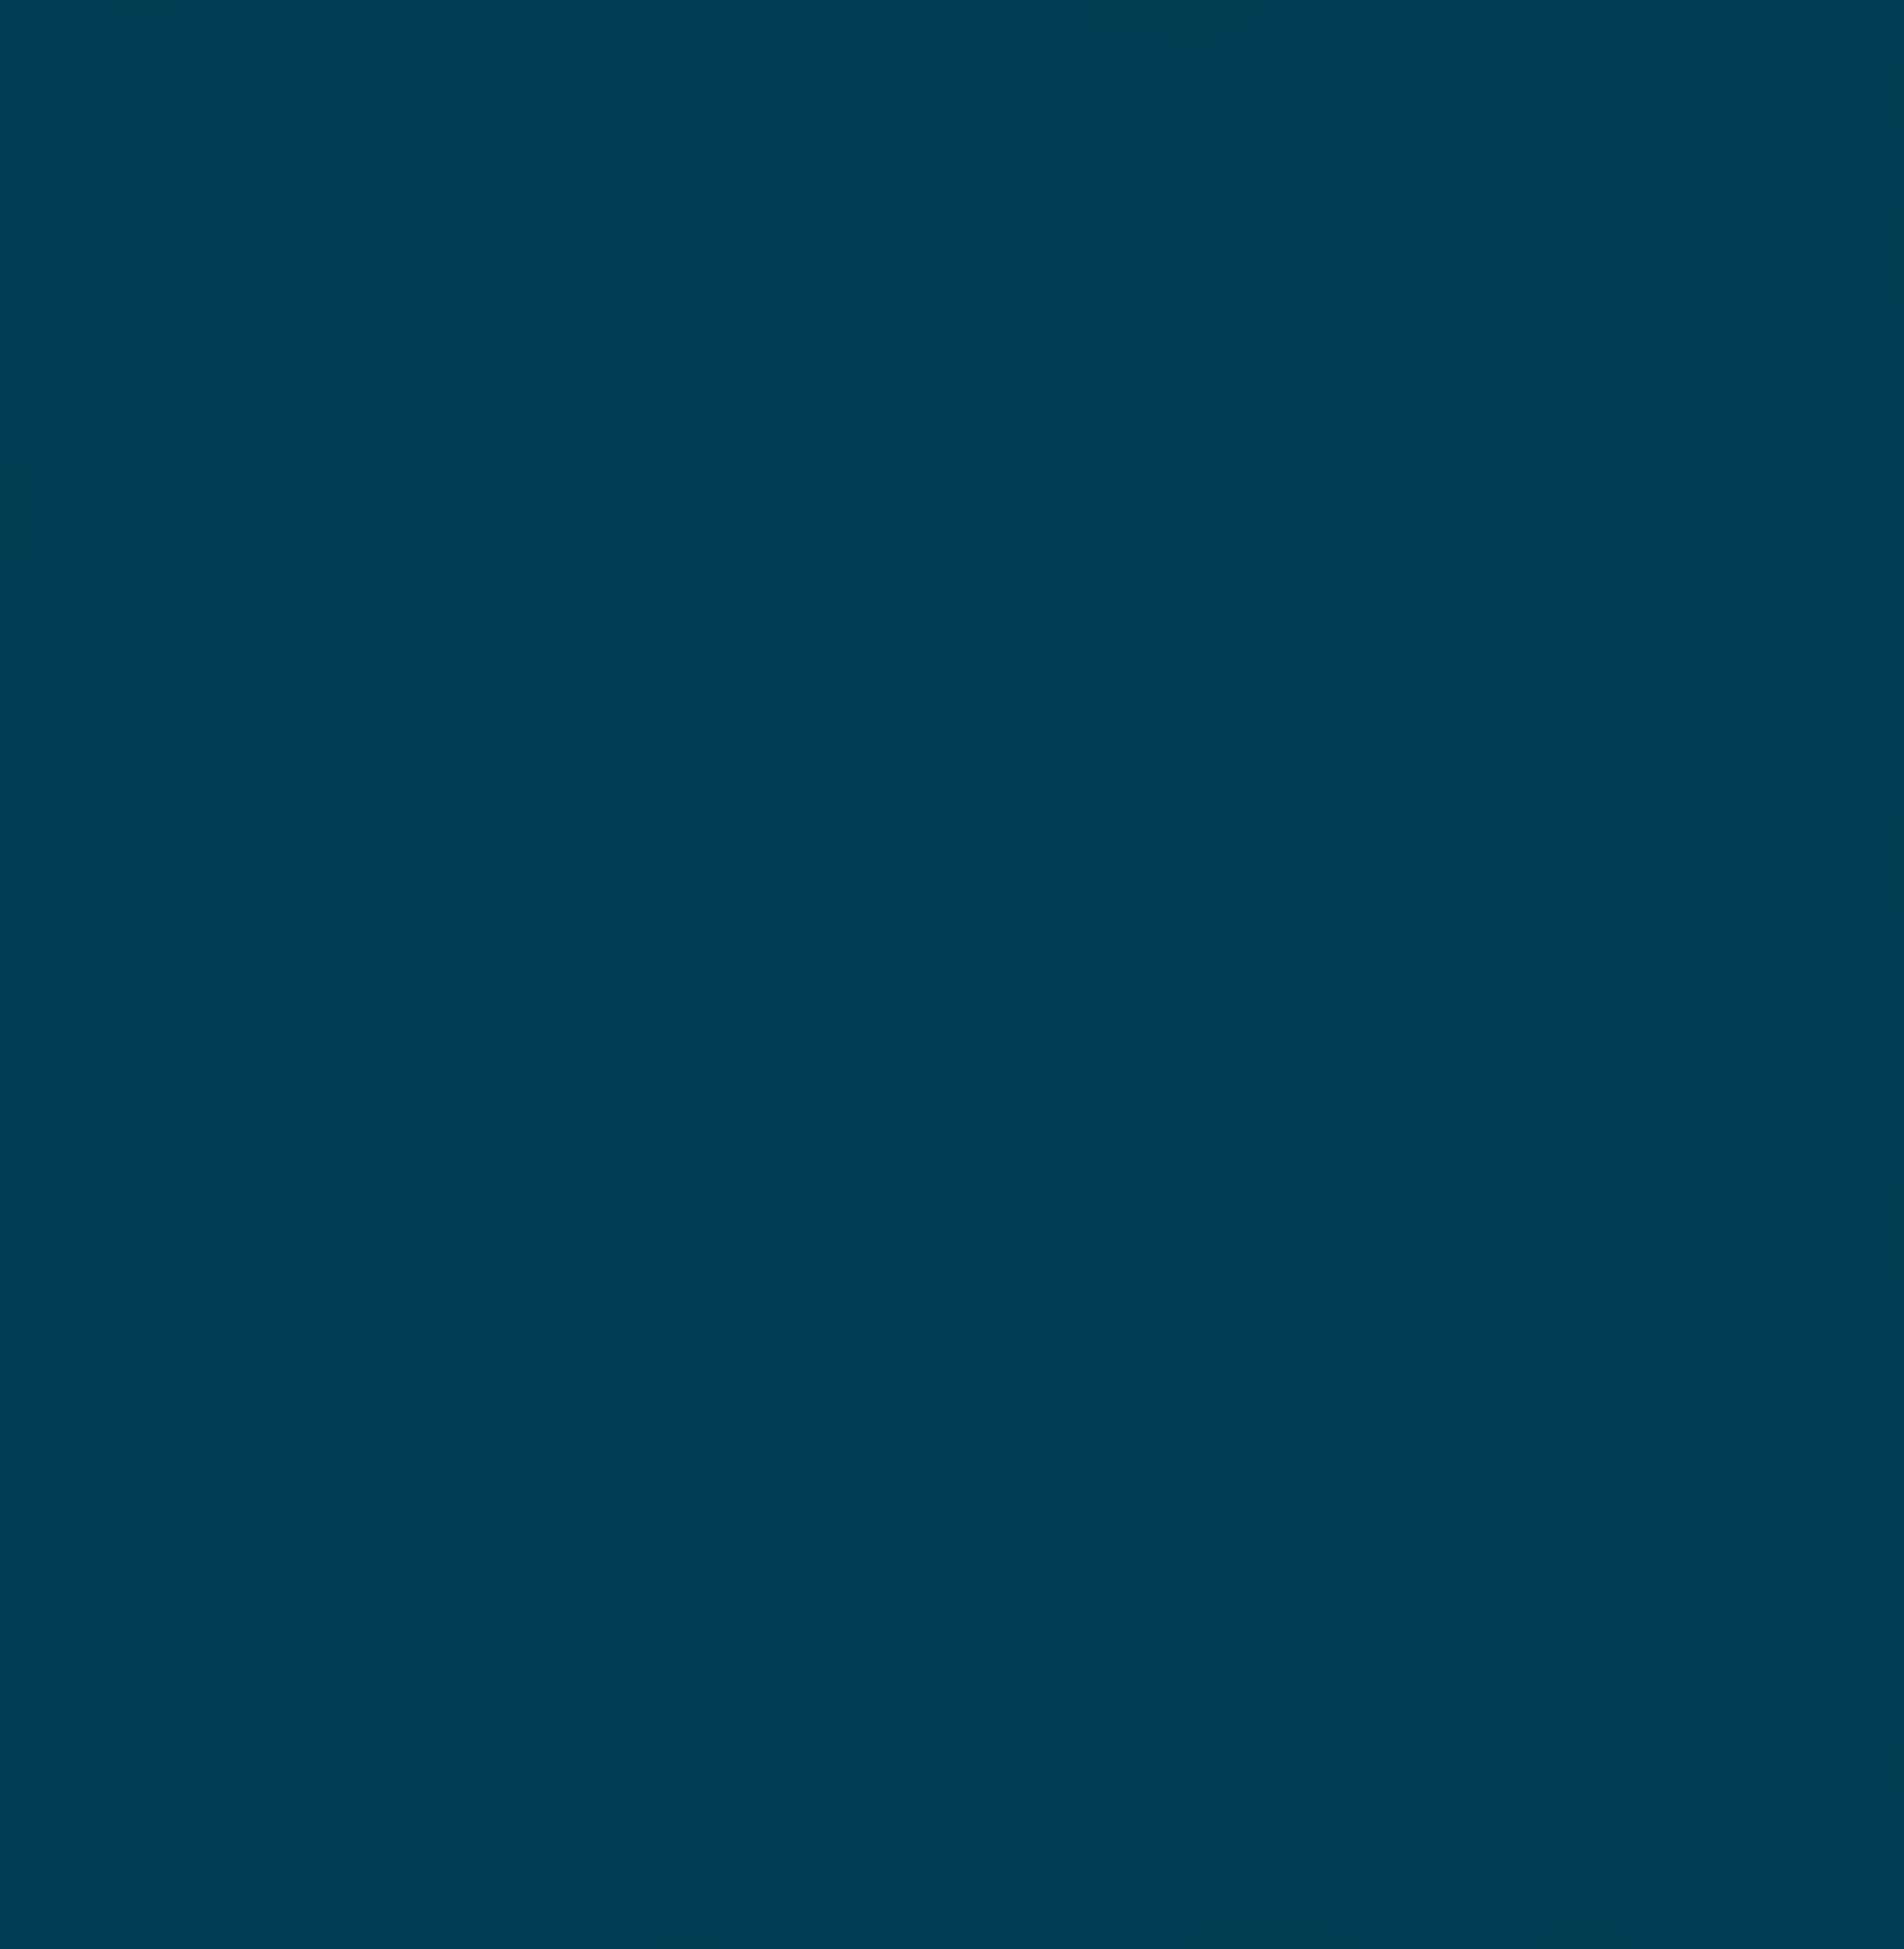 Błękit Ciemny U18004 SD